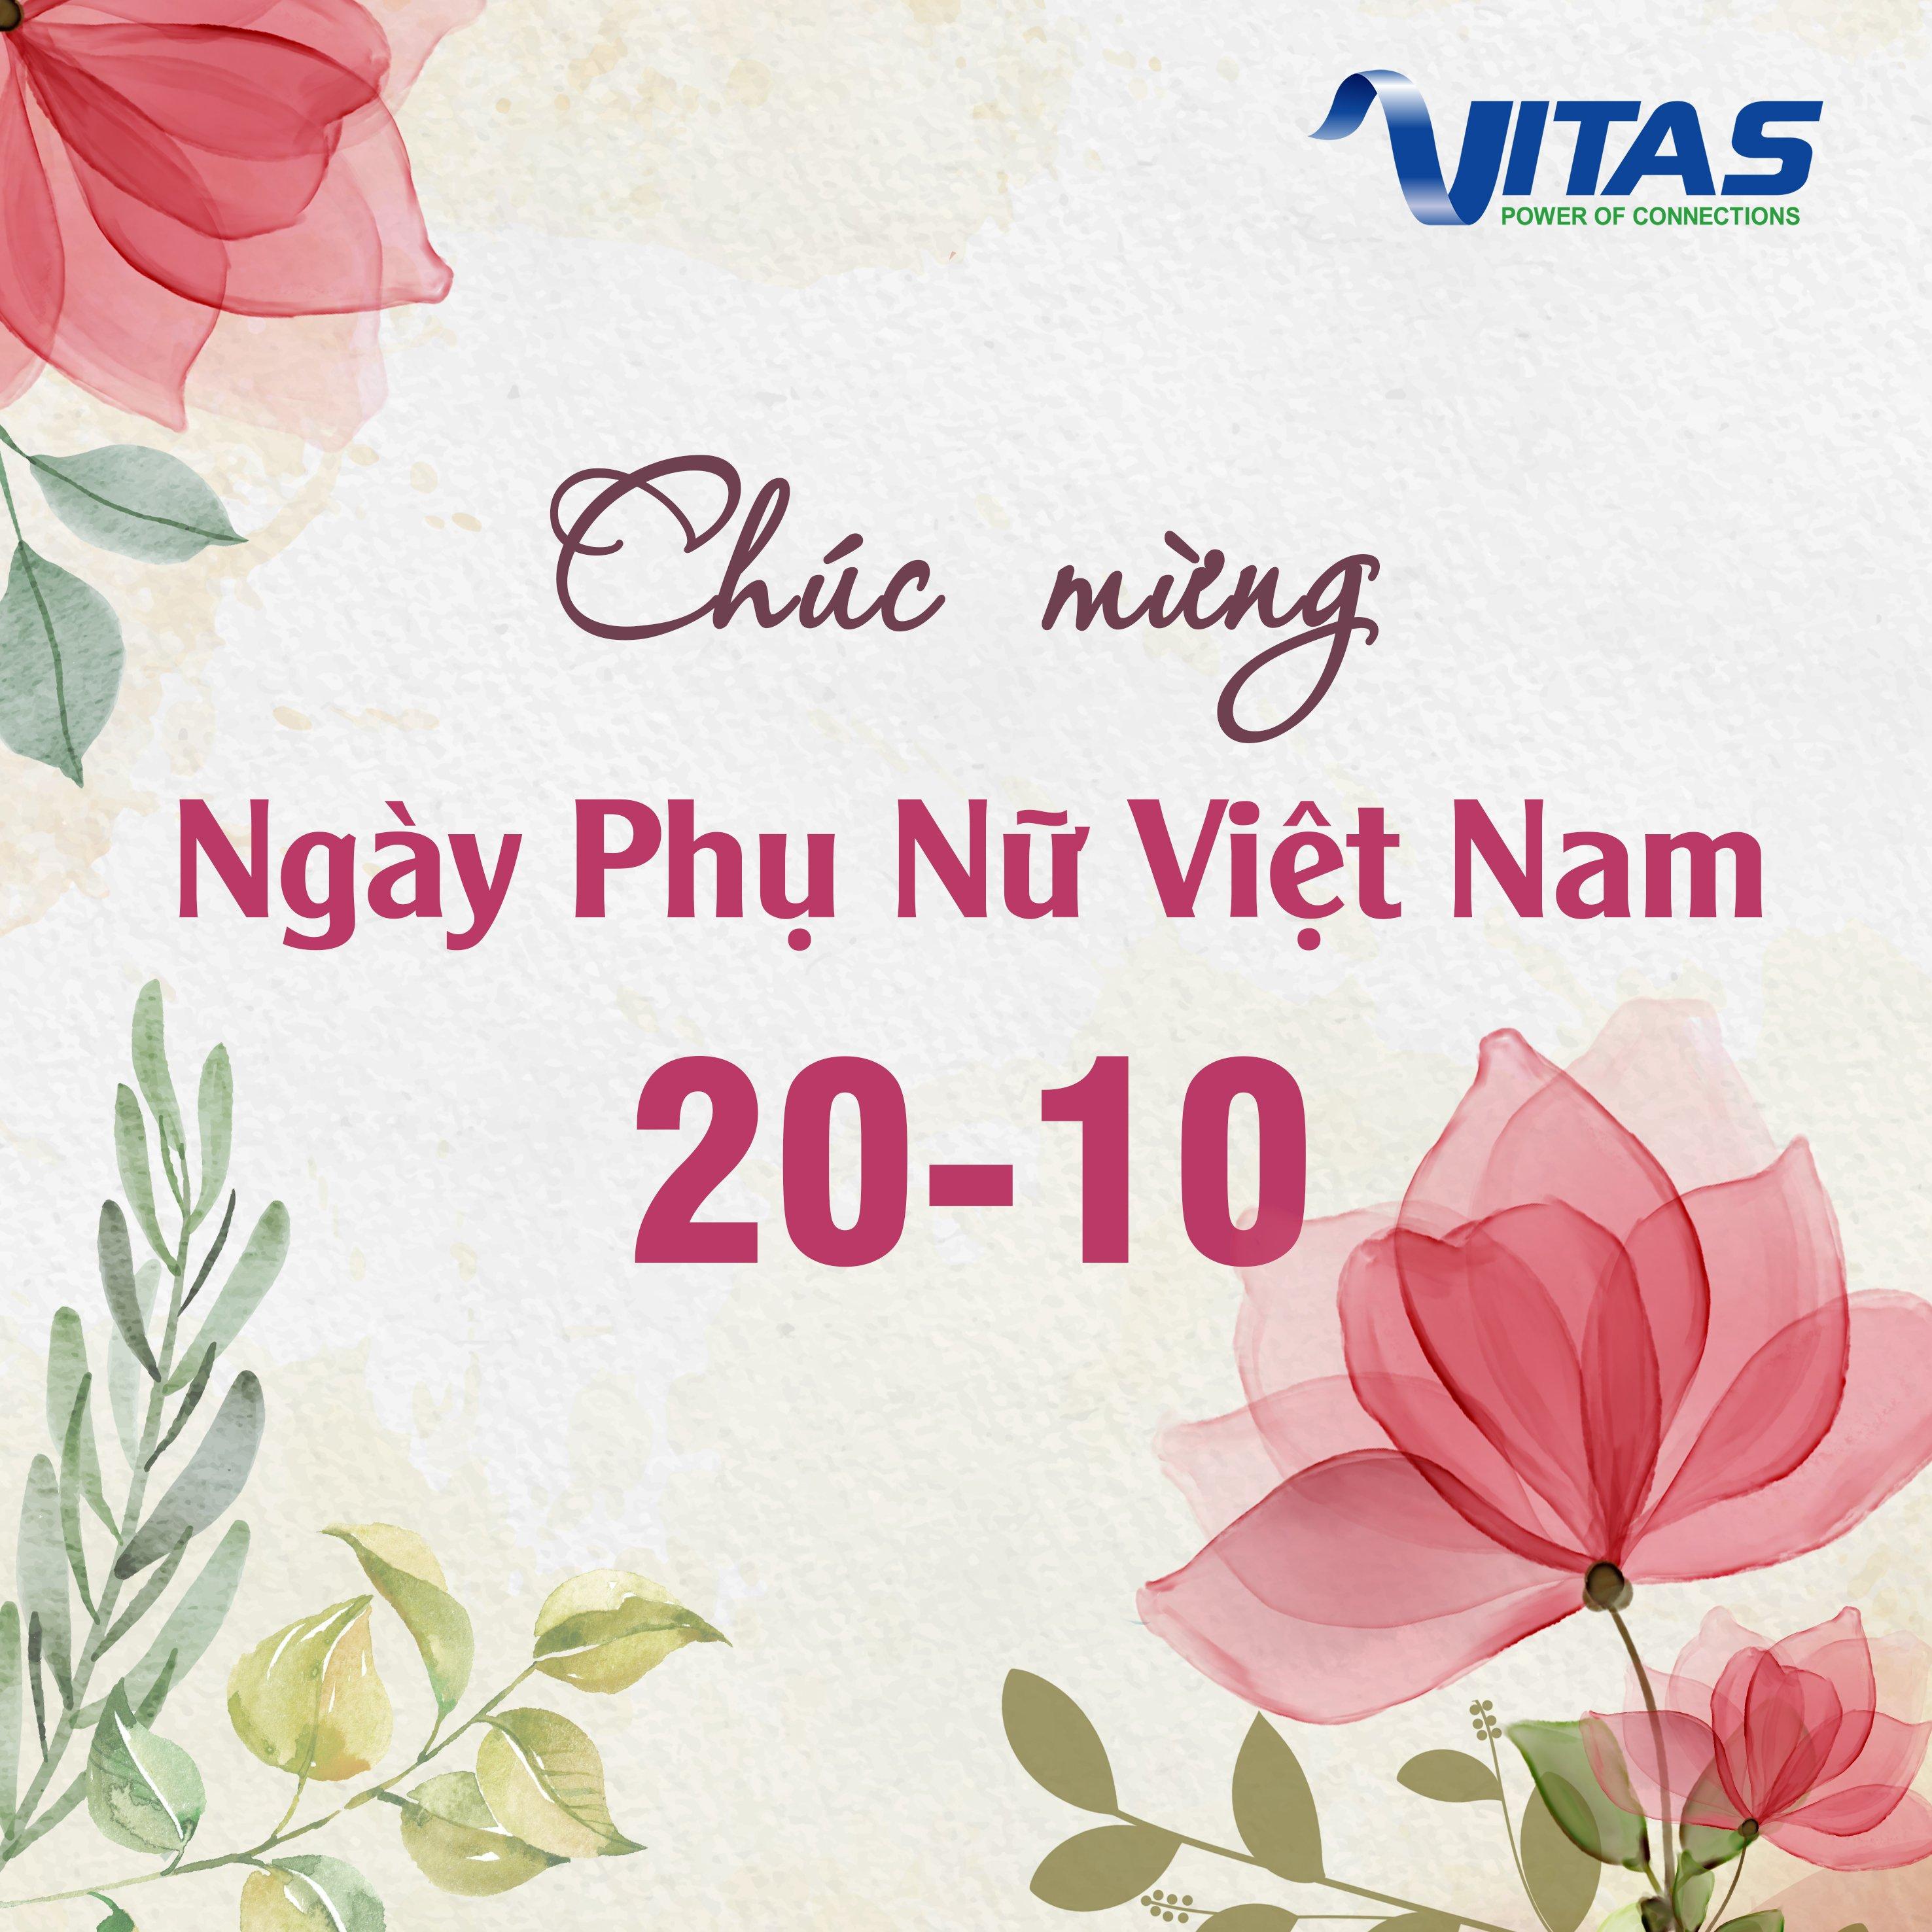 VITAS chúc mừng ngày Phụ Nữ Việt Nam 20/10